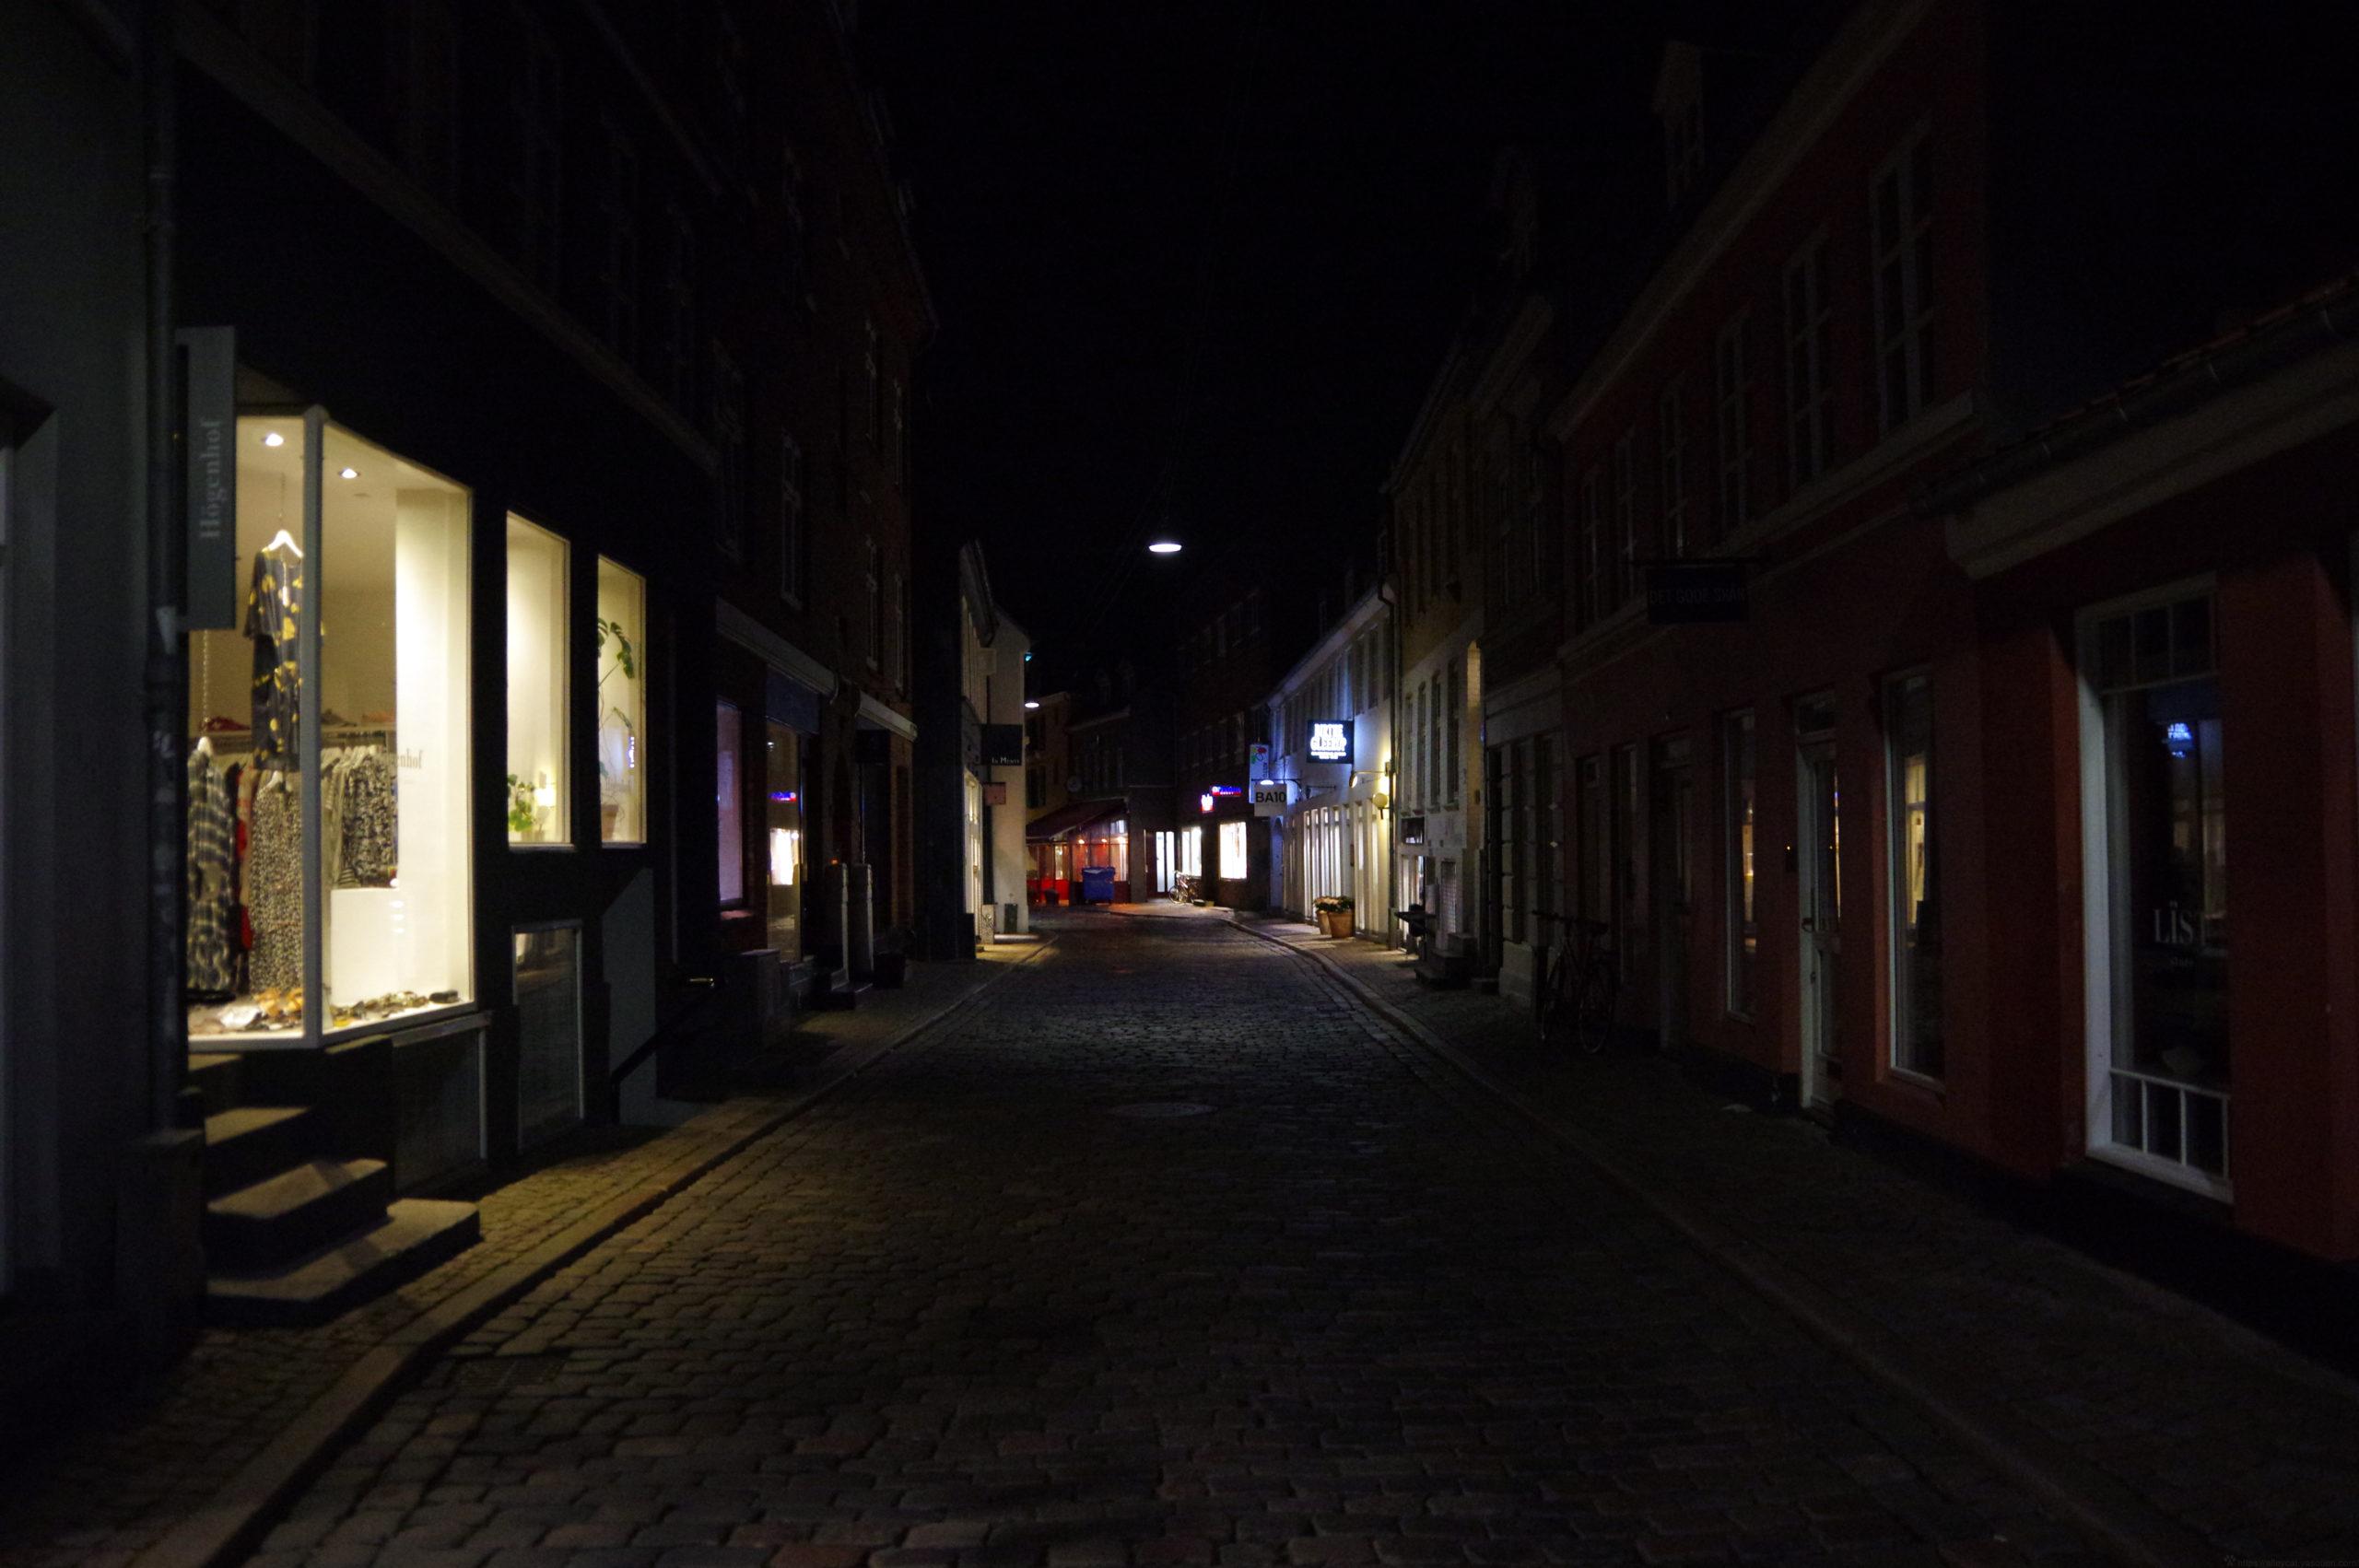 Aarhus, Denmark, 2019